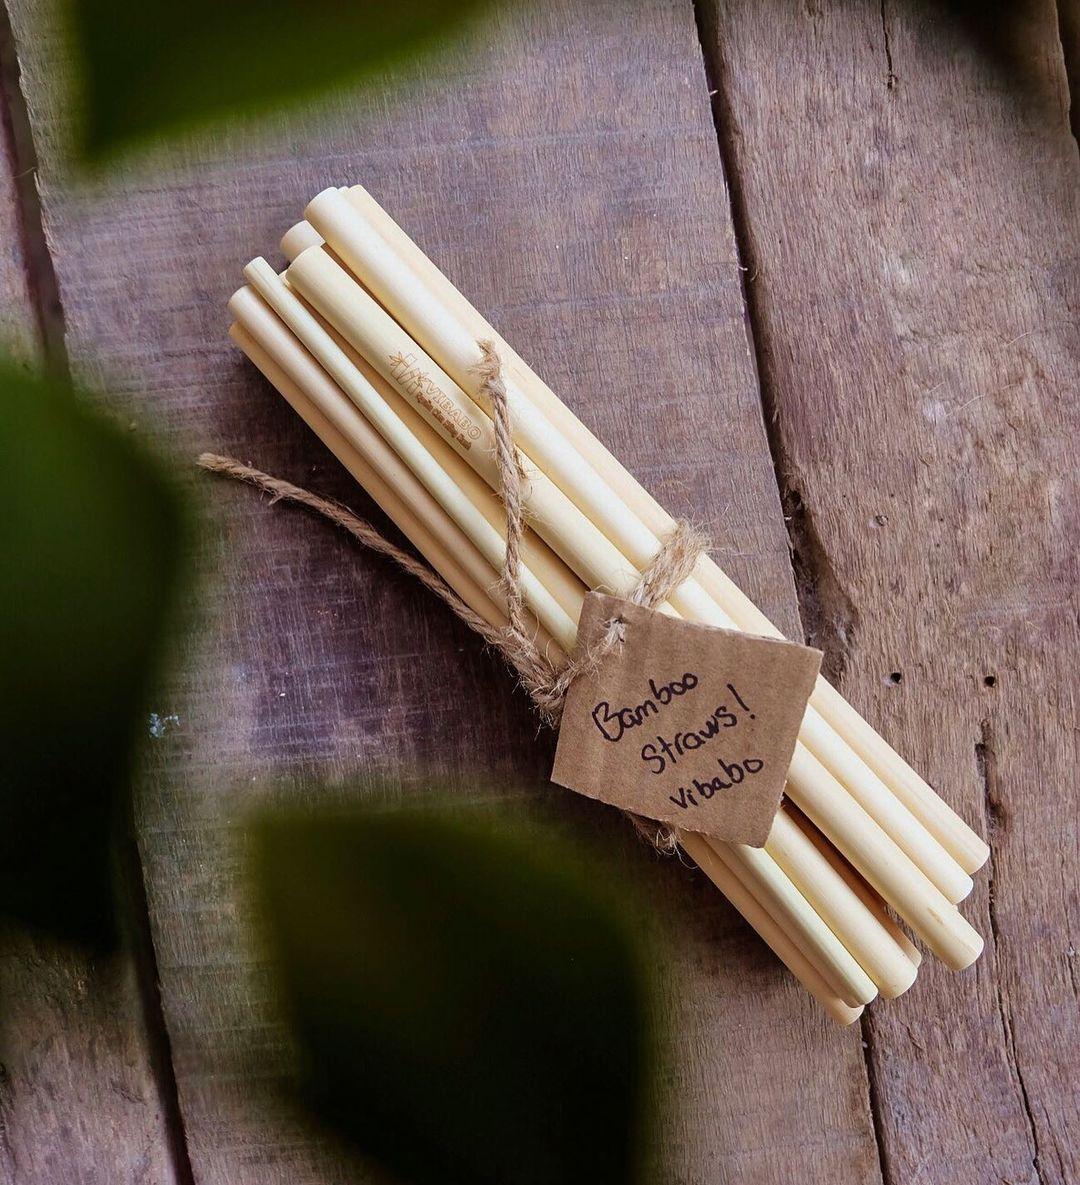 Ống hút Tre, Bamboo straws, 1 thùng size L20, Đường kính từ 12mm đến 15mm, dài 200±2mm, số lượng từ 600 đến 800 ống.